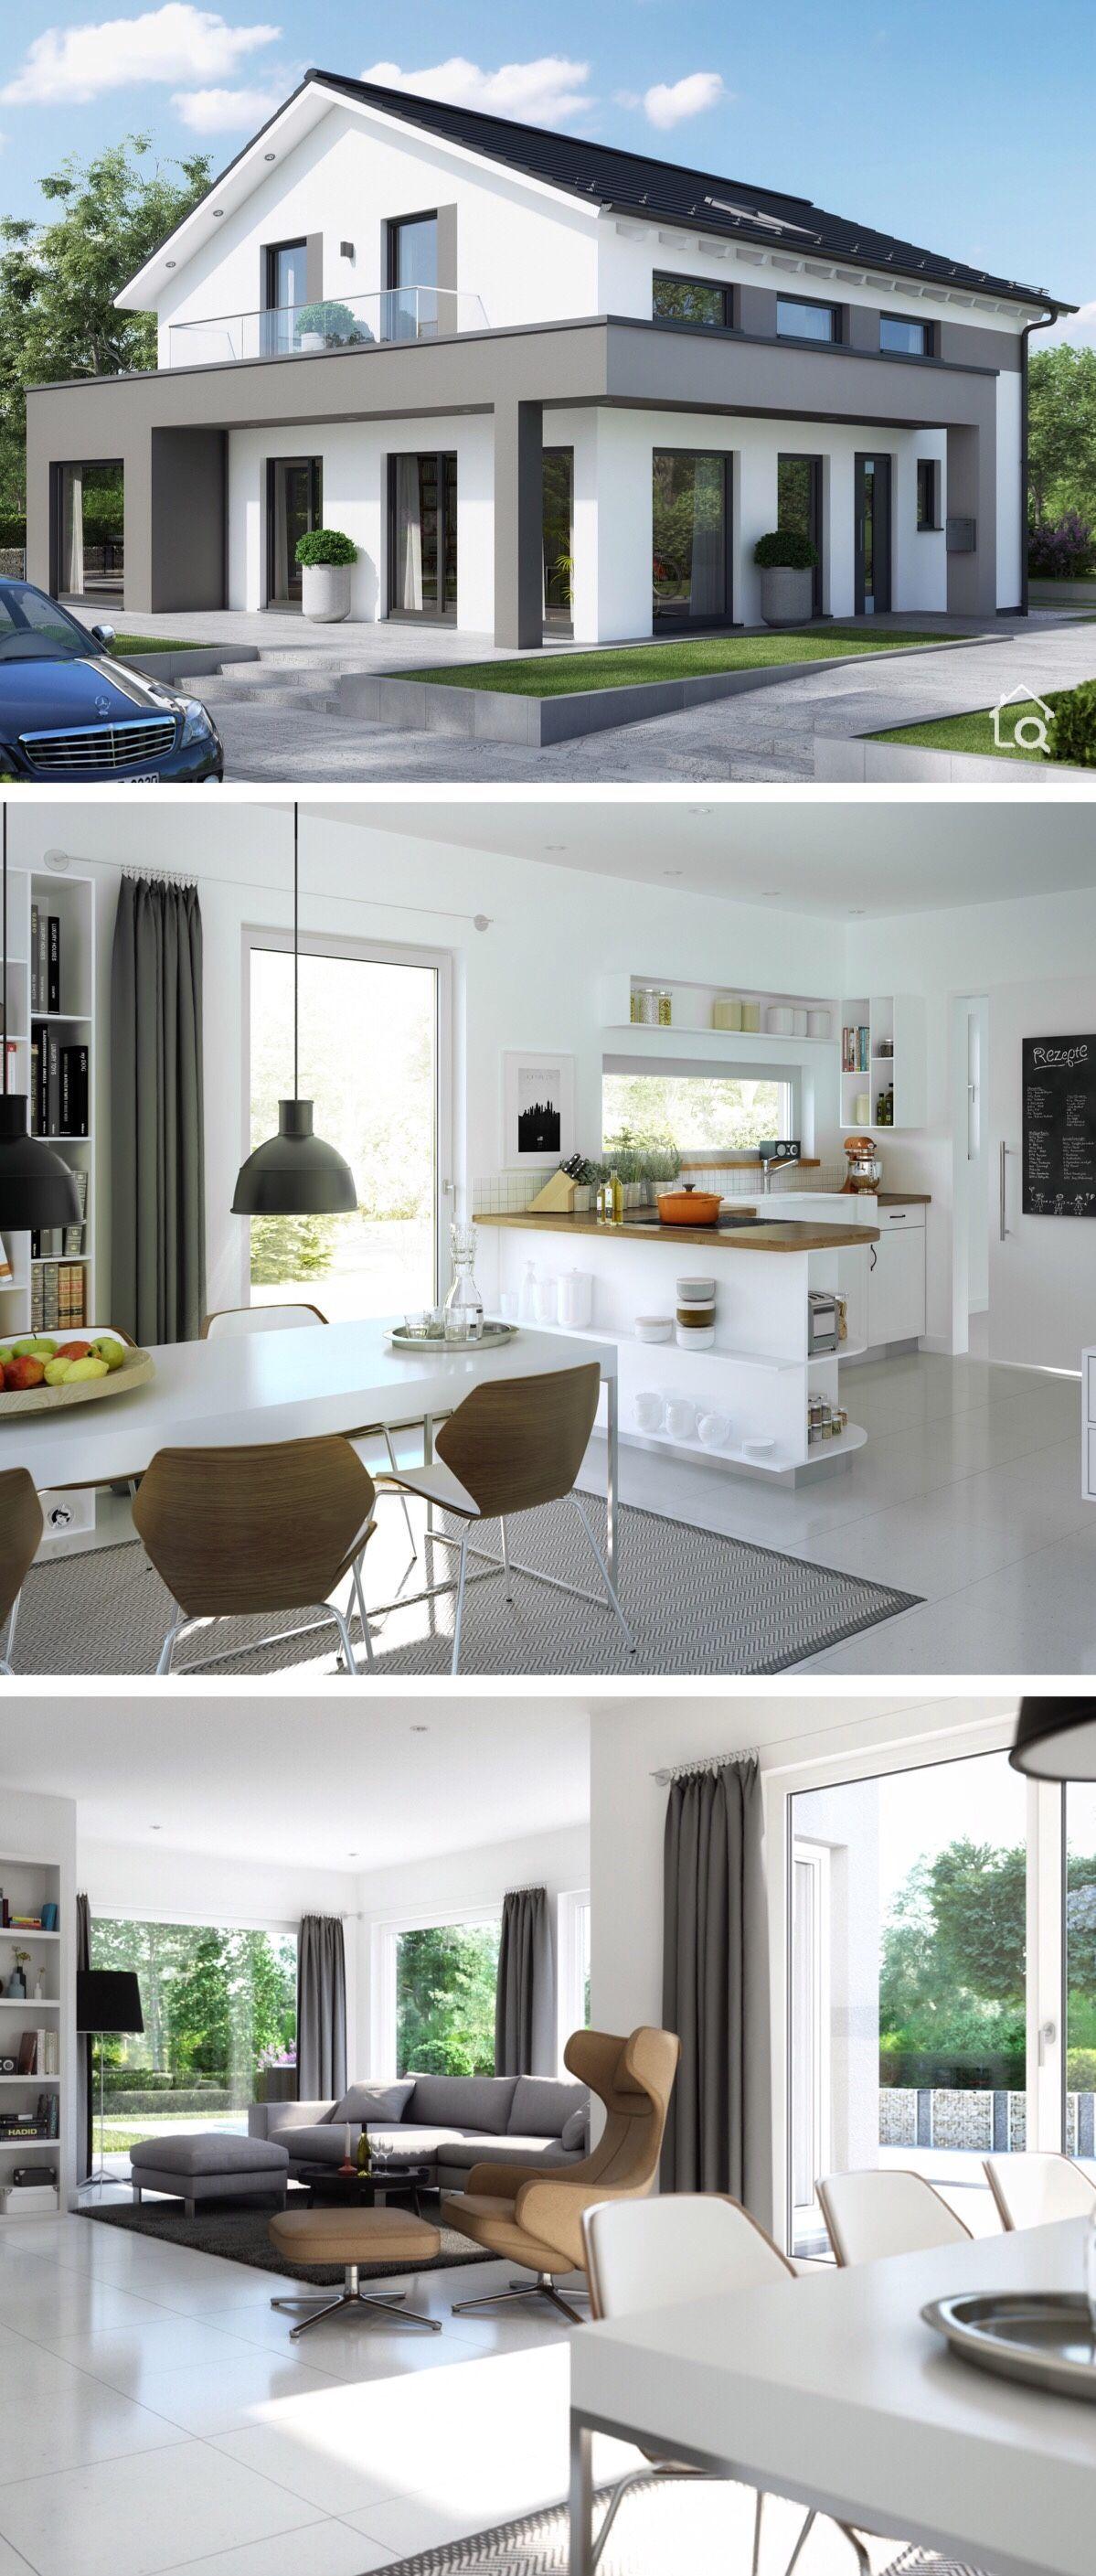 Modernes Haus Design mit Satteldach & Erker